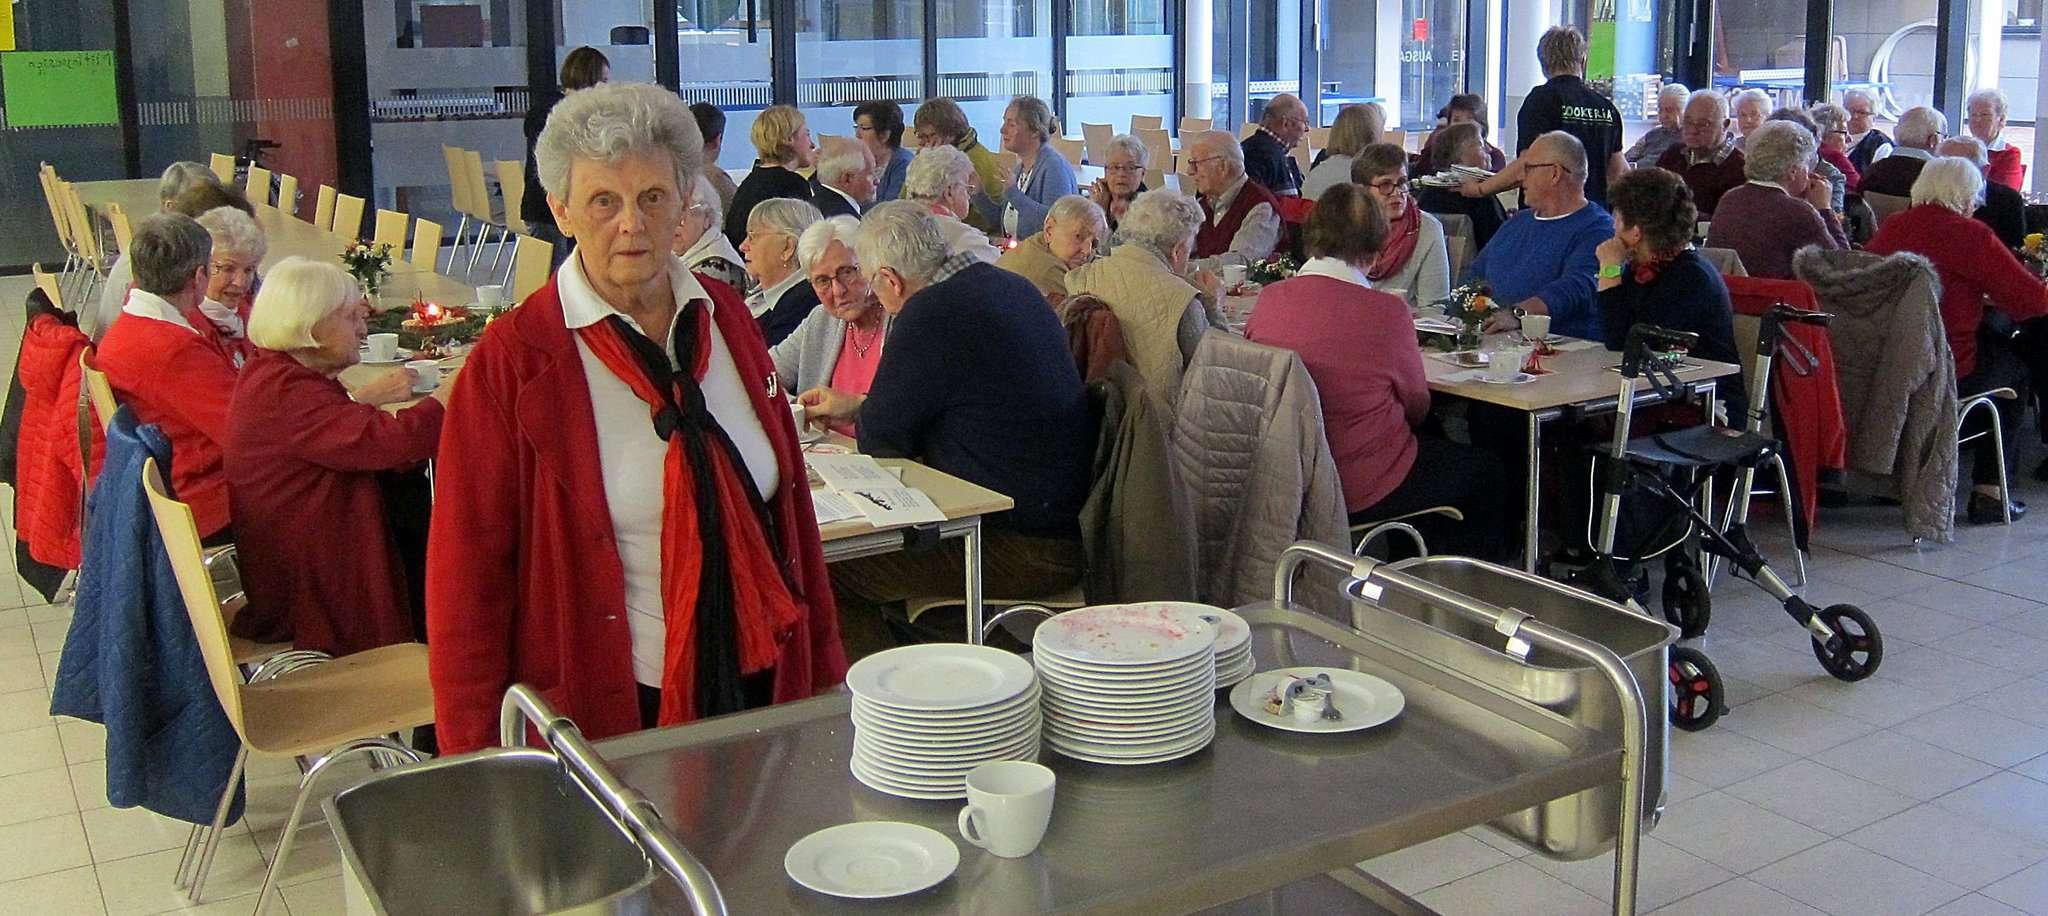 60 Gäste waren zur Adventsfeier der Awo in die Aula der Wümmeschule gekommen.  Foto: Heinz Kahrs